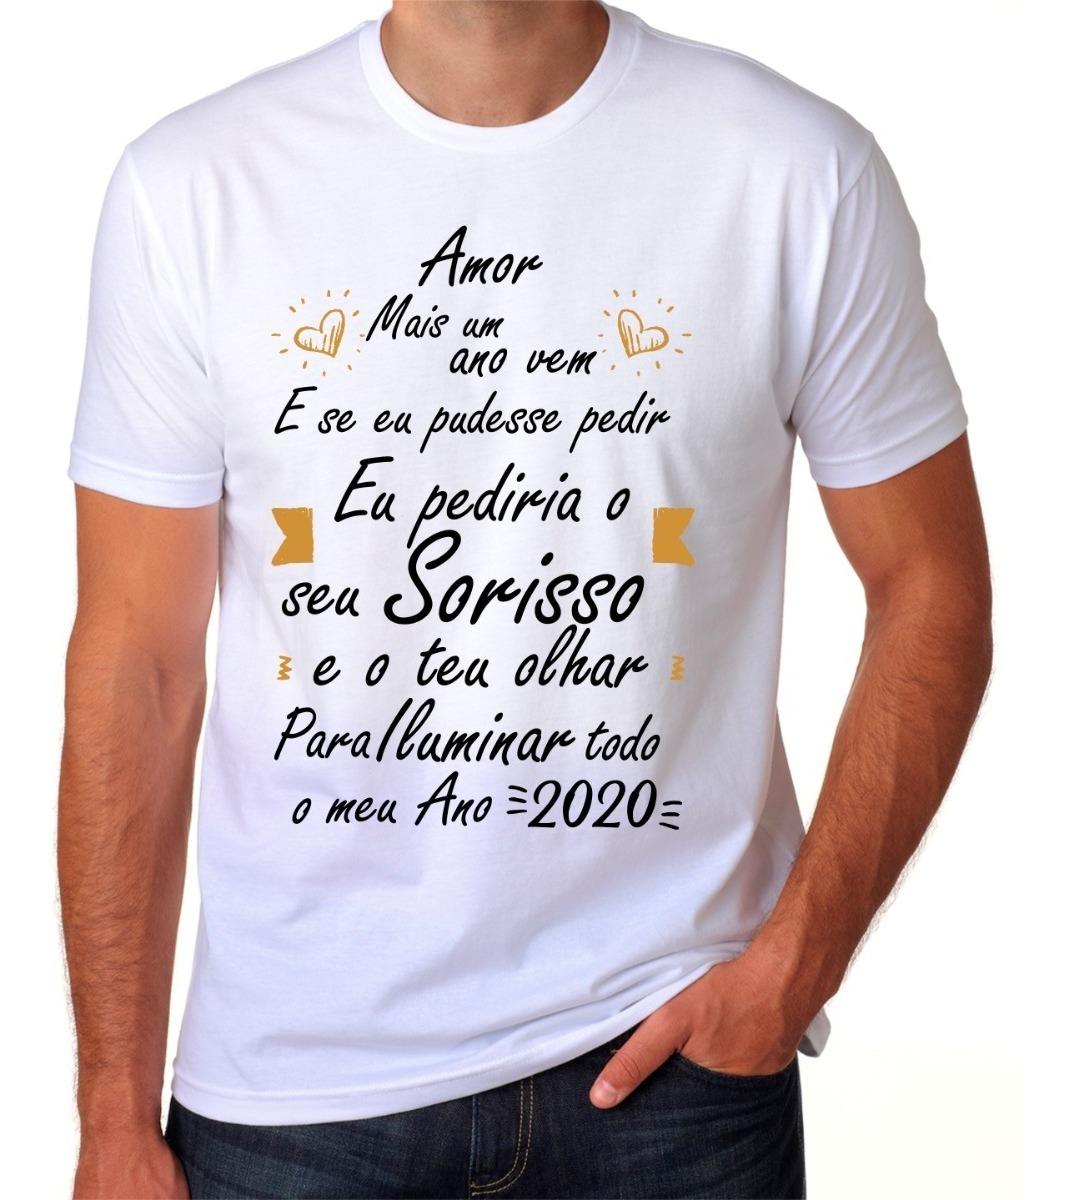 Camisa Camiseta Ano Novo Feliz 2020 Reveillon Amor Frases